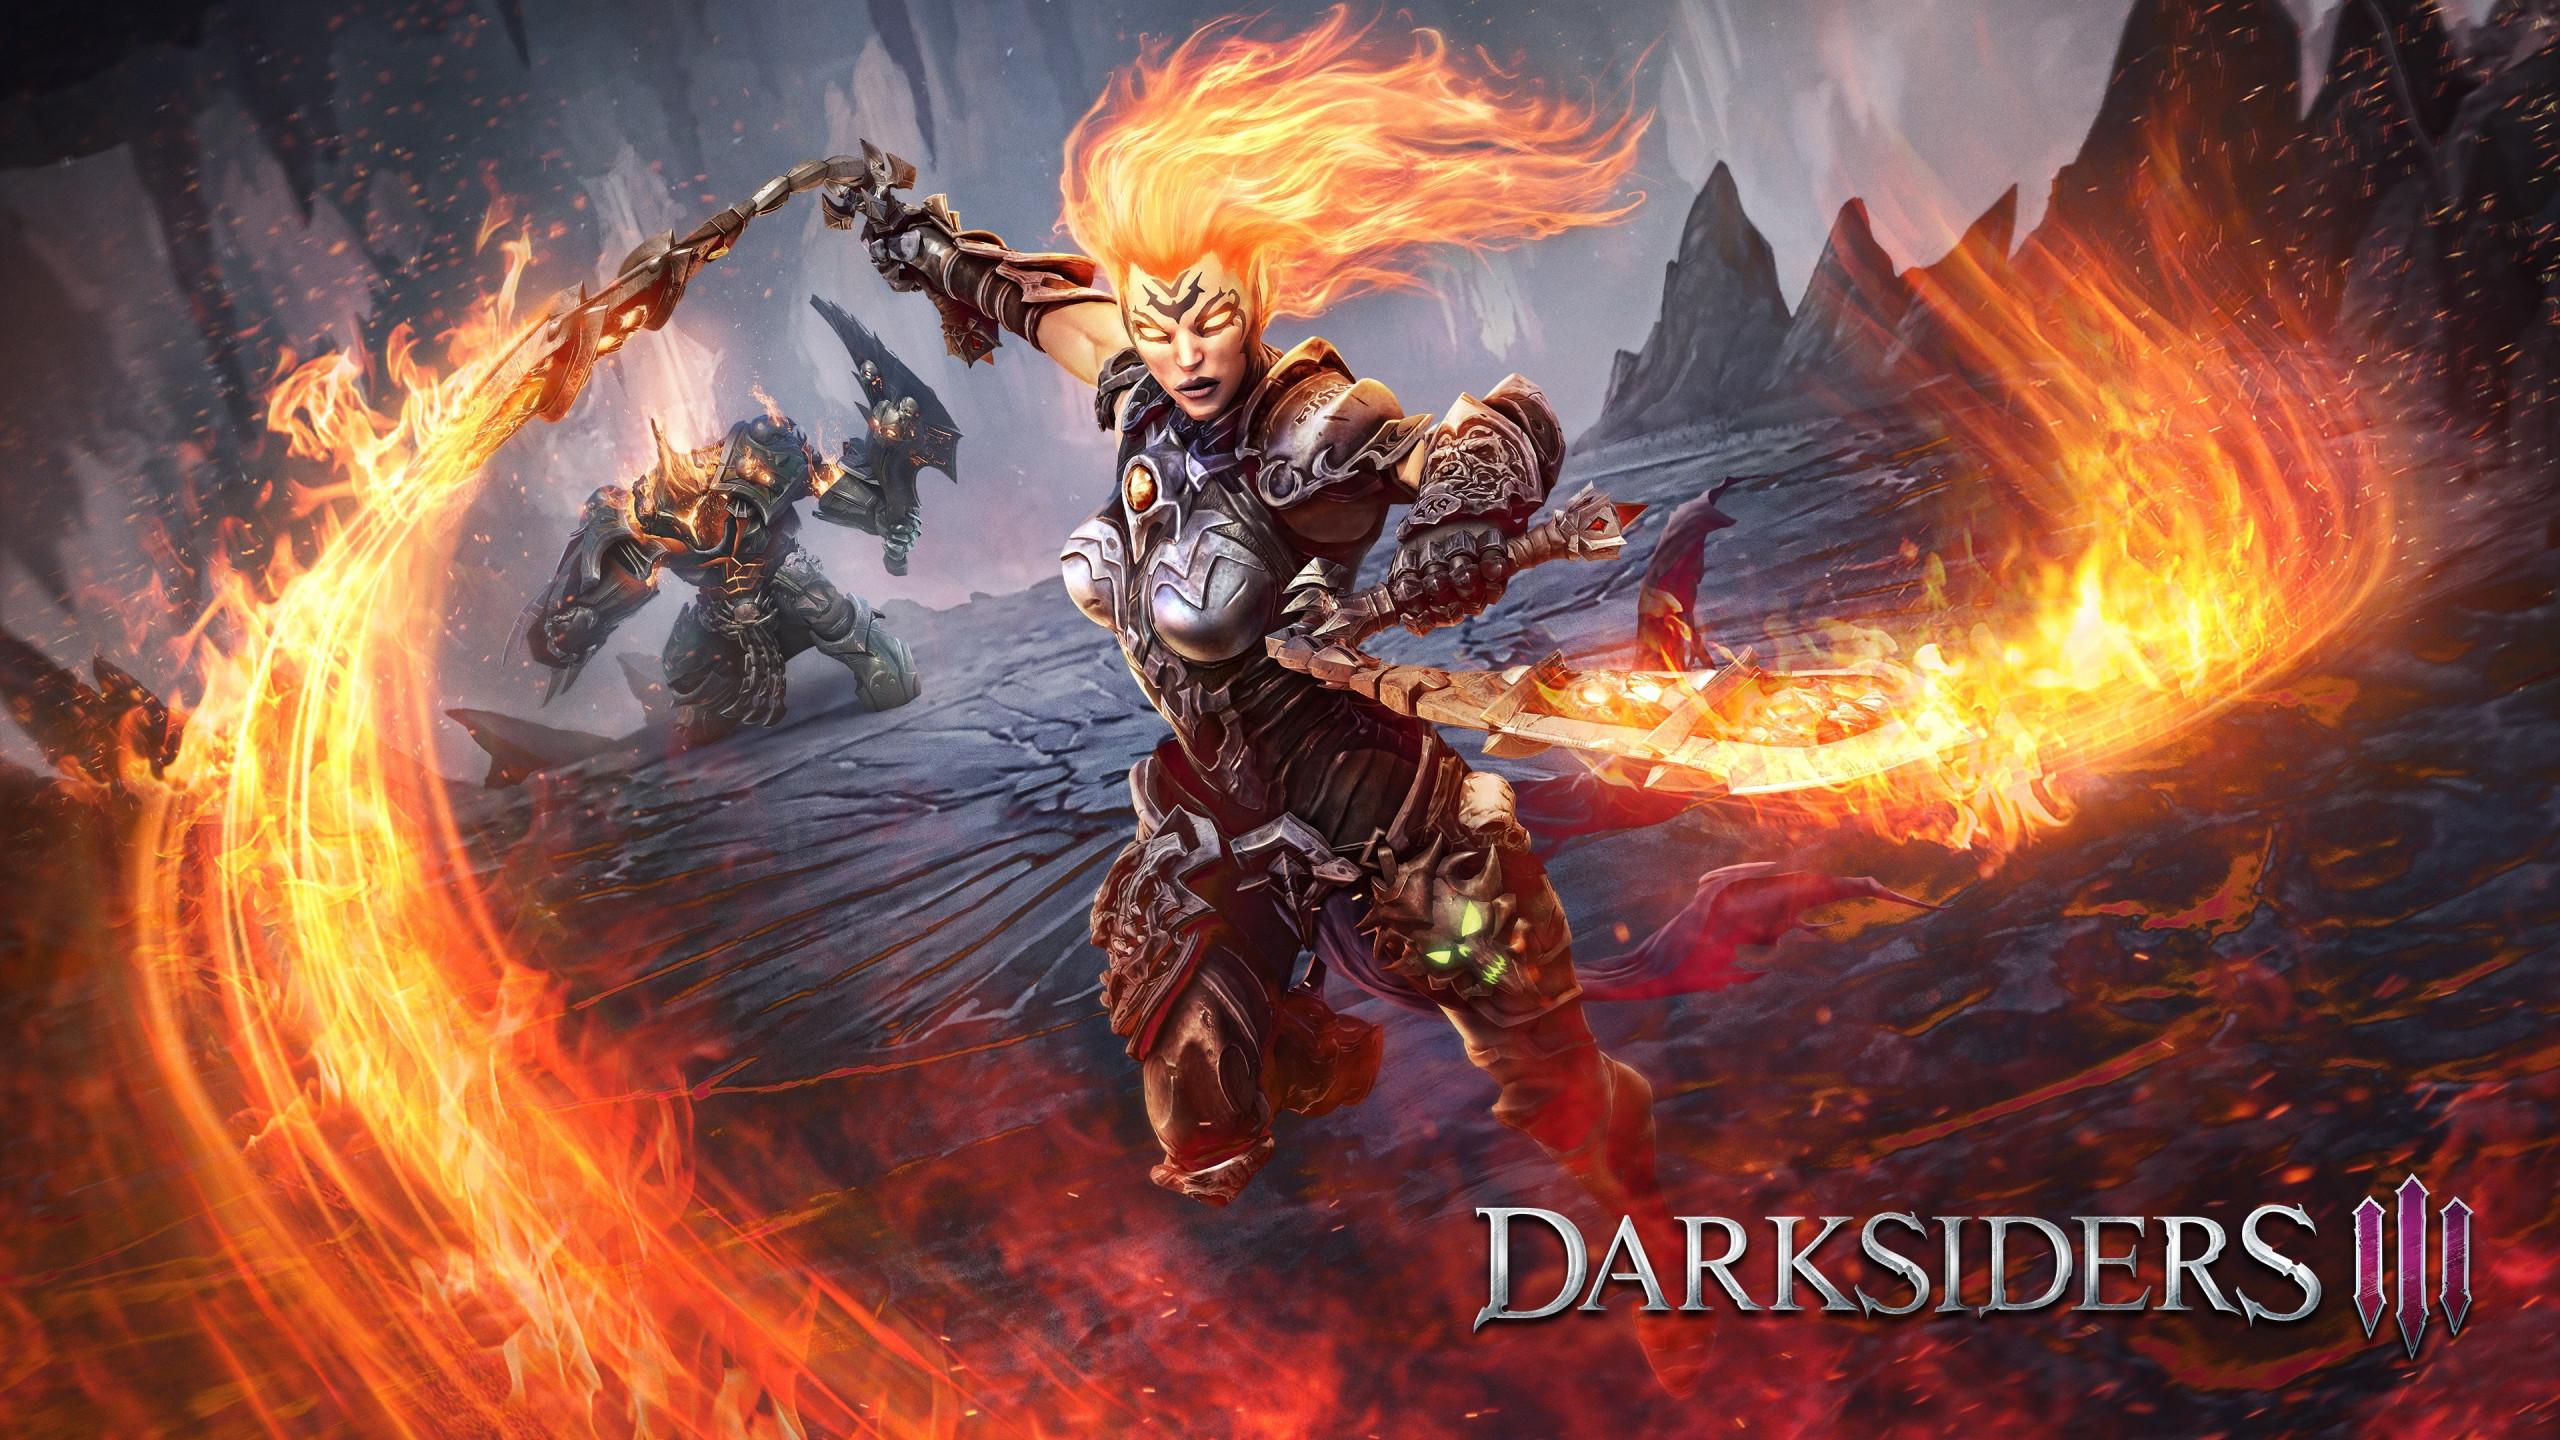 Download Wallpaper Darksiders Iii 2560x1440